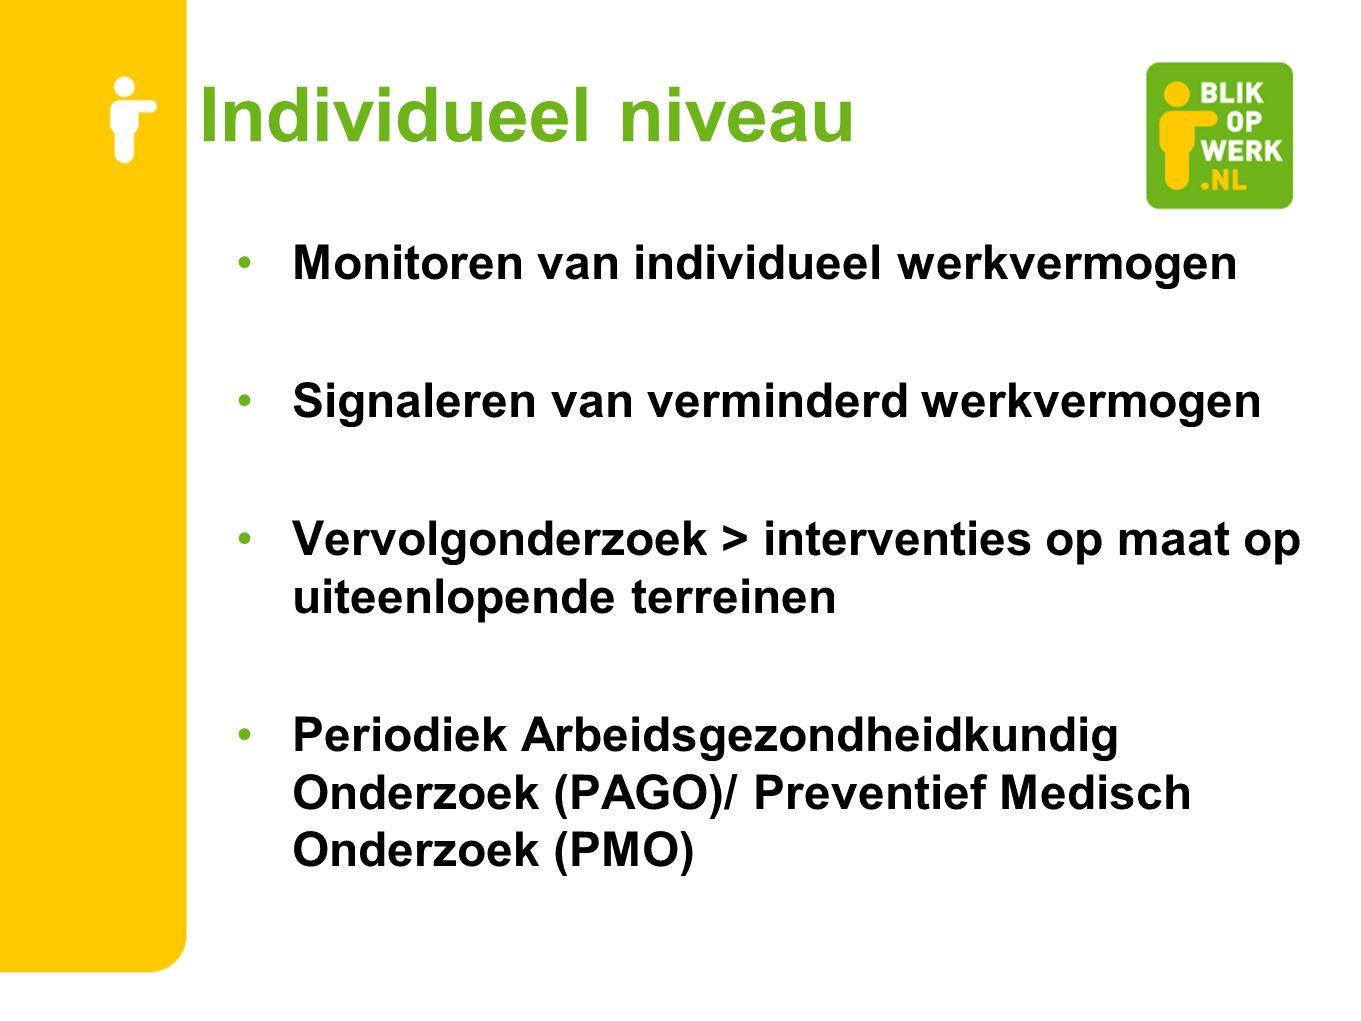 Individueel niveau Monitoren van individueel werkvermogen Signaleren van verminderd werkvermogen Vervolgonderzoek > interventies op maat op uiteenlope